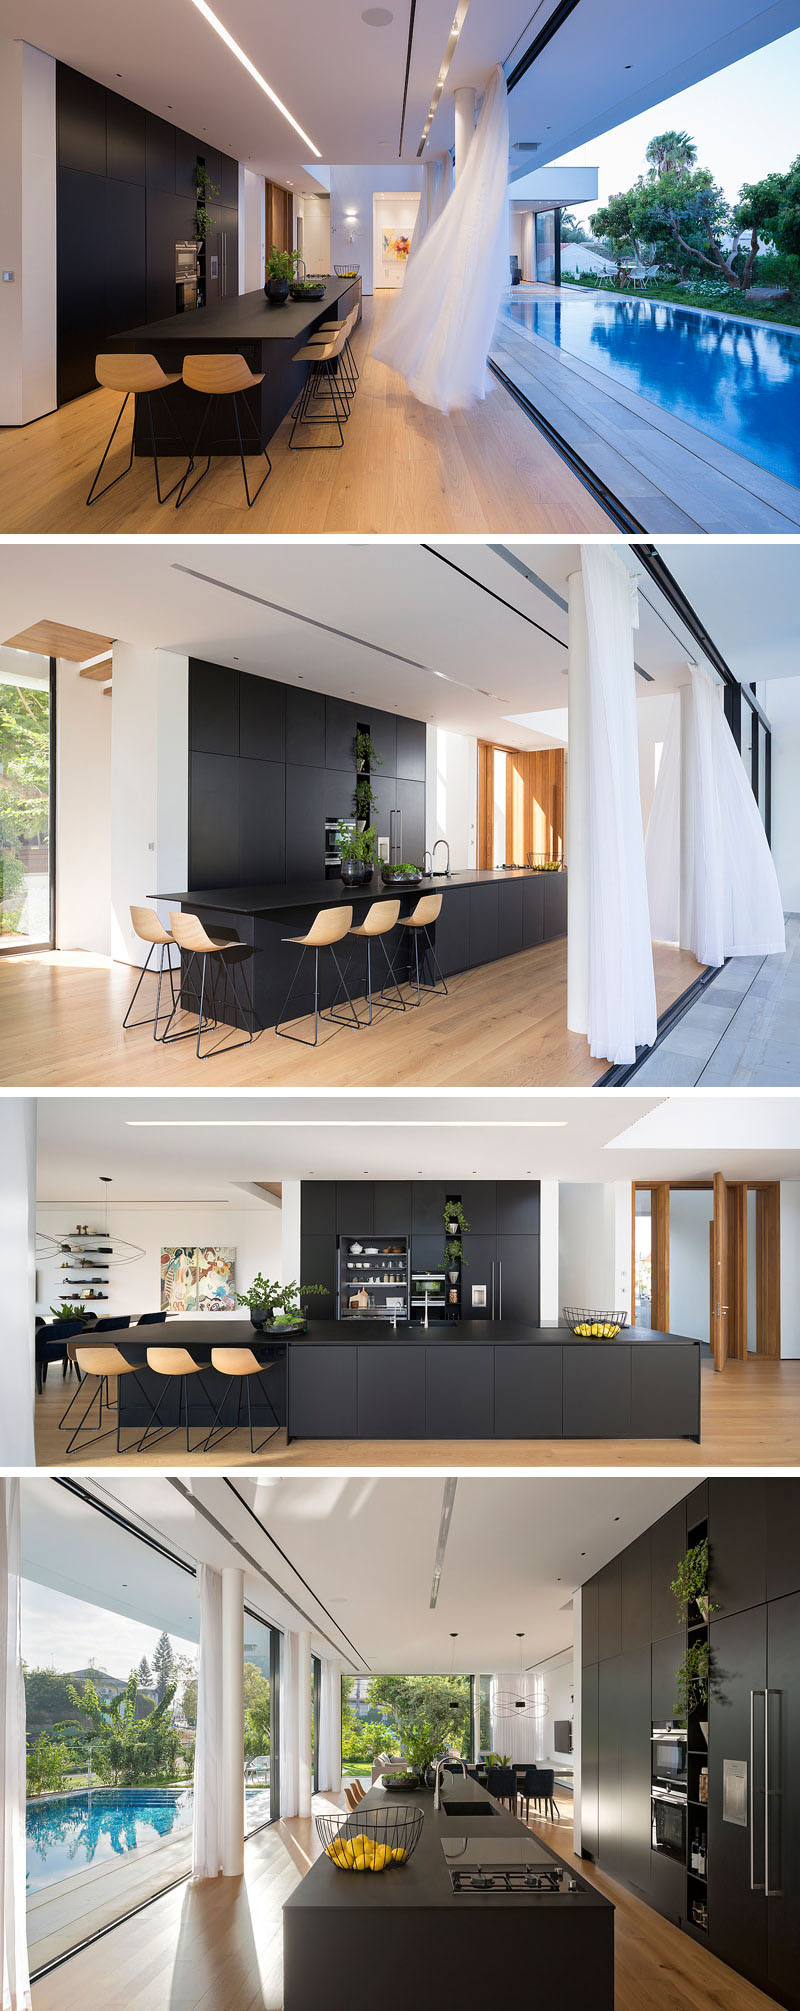 sala-e-cozinha-integradas-a-piscina-casa-em-rishon-lezion-israel